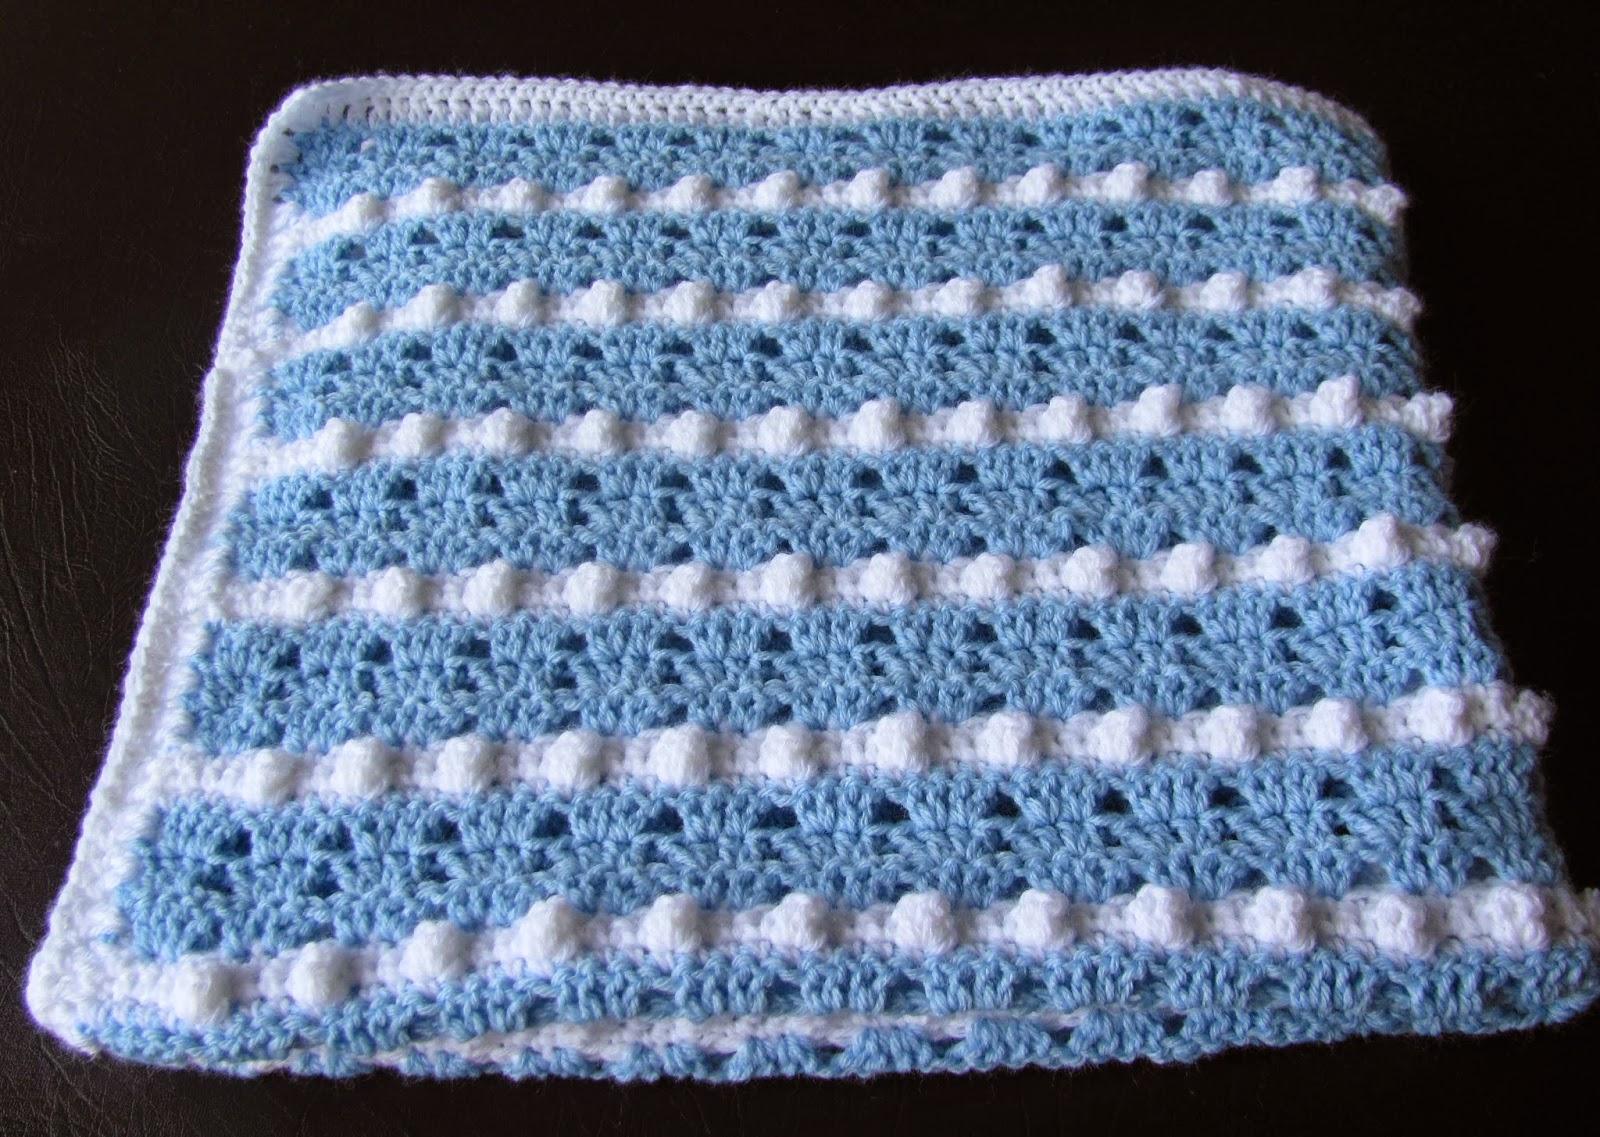 Karens Crocheted Garden of Colors